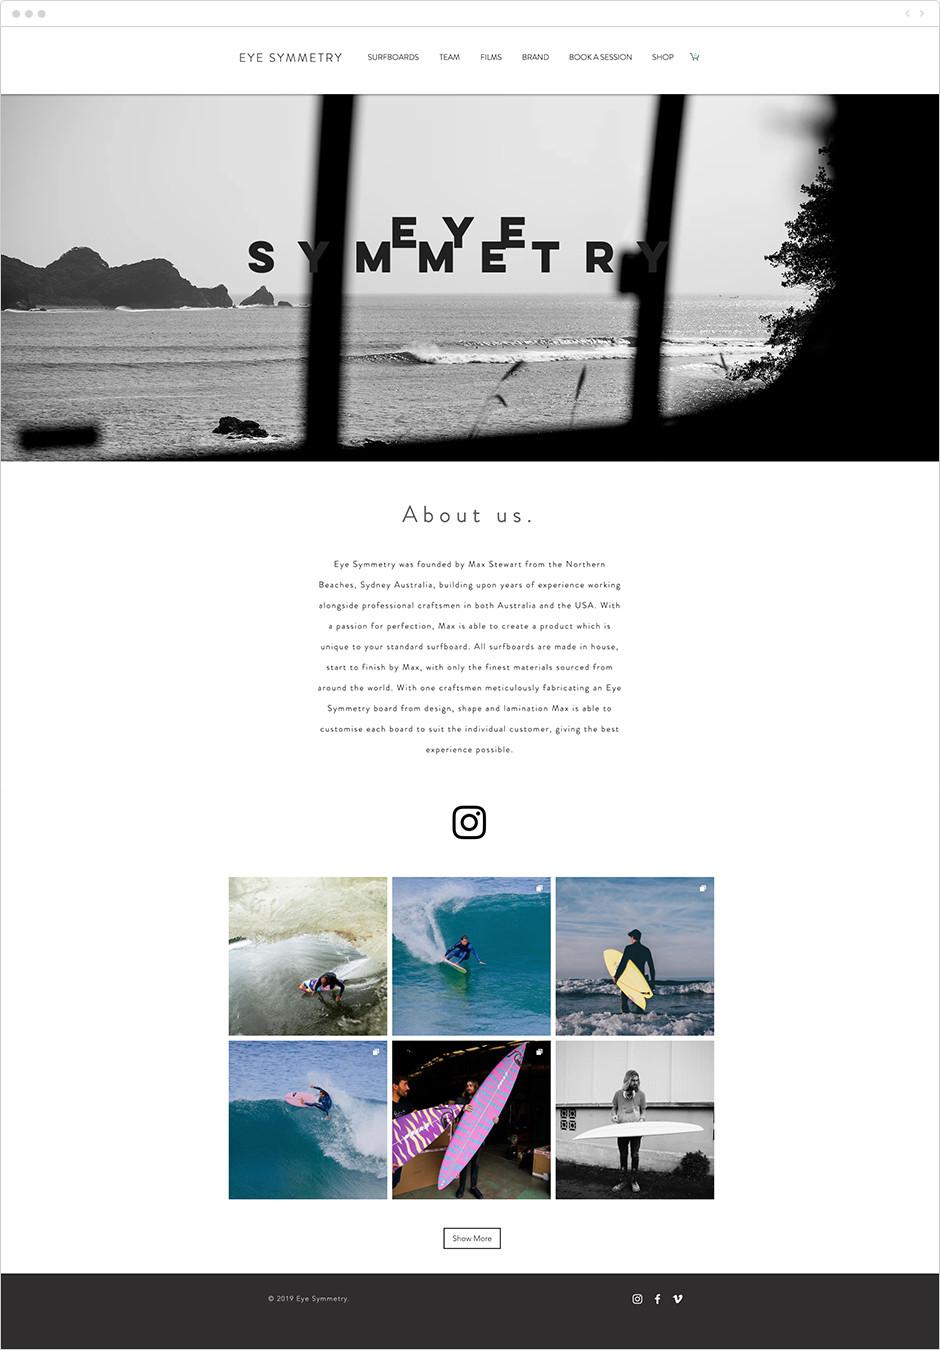 Ejemplo de dossier de prensa de empresa de tablas de surf